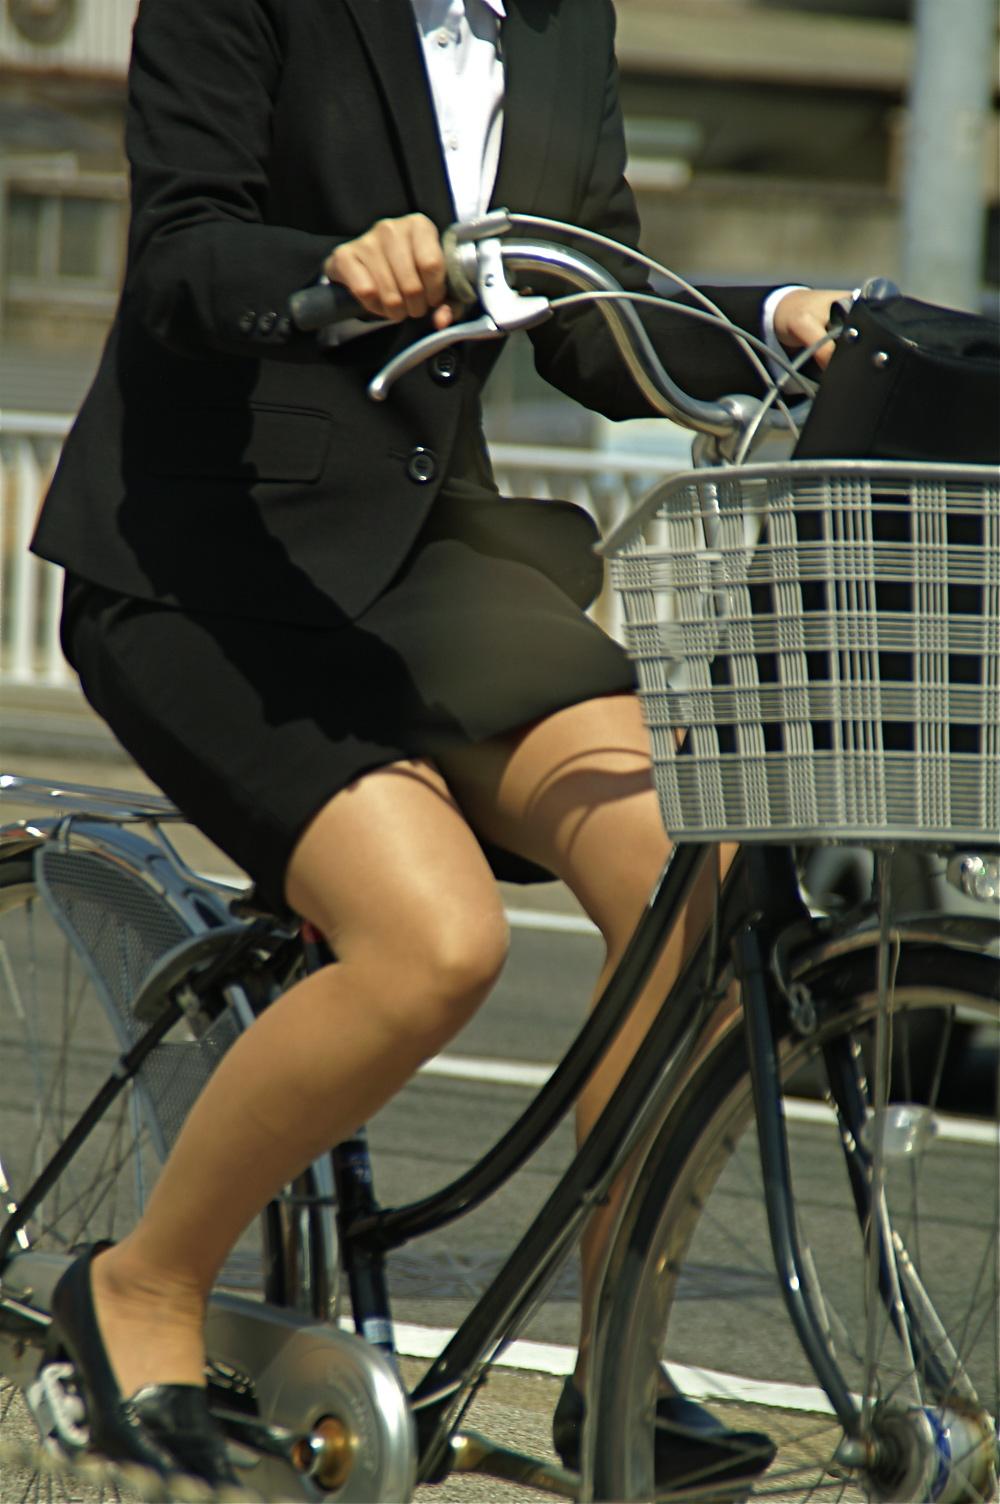 【街撮り美脚画像】大人の下半身を観察www自転車乗った働くおねえさん画像 13